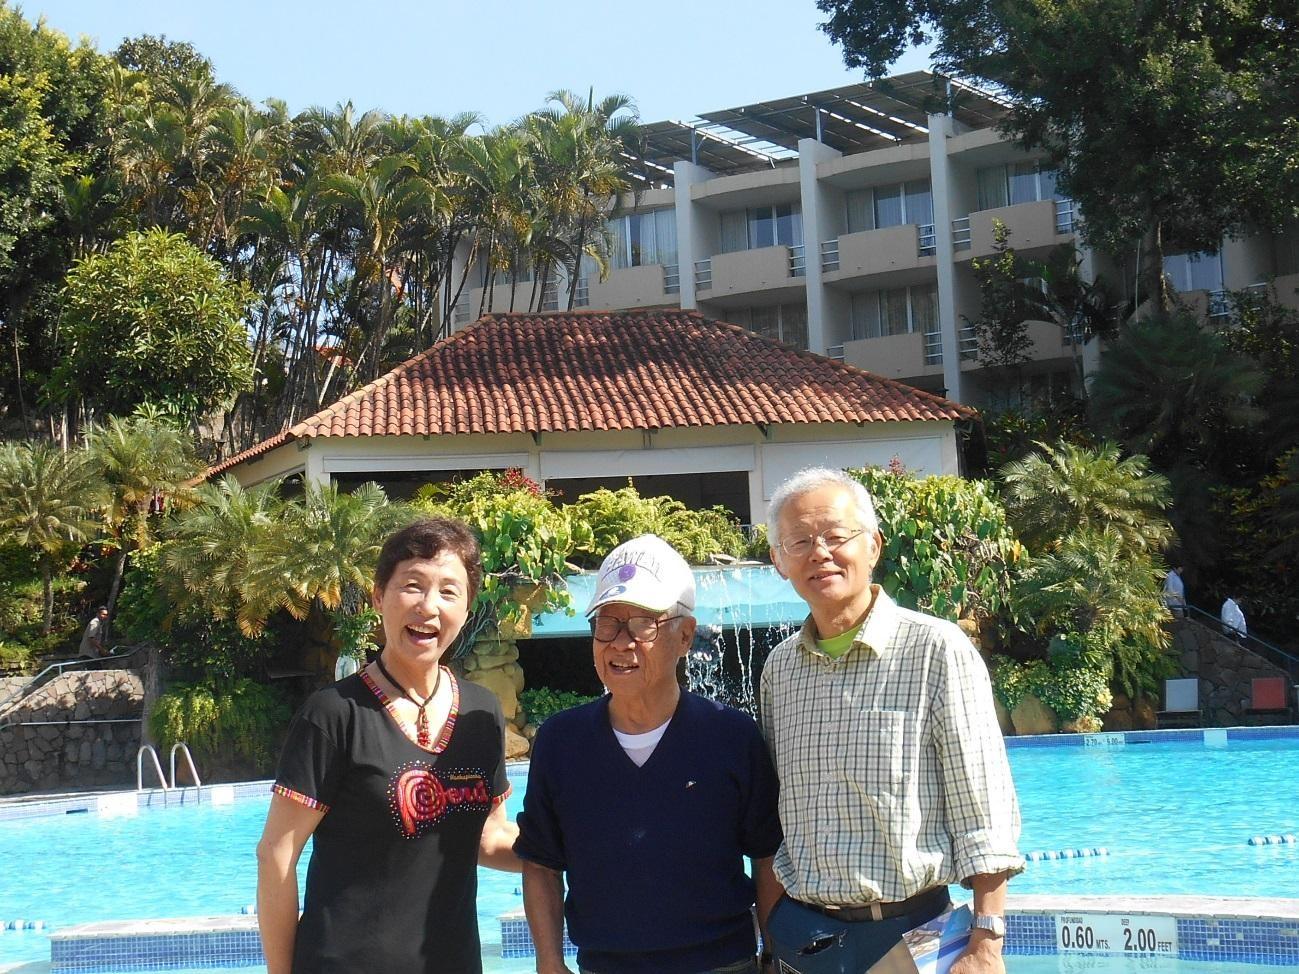 サンサルバドル・シェラトンホテルにて、マチュピチュで買ったTシャツでY氏とS氏と